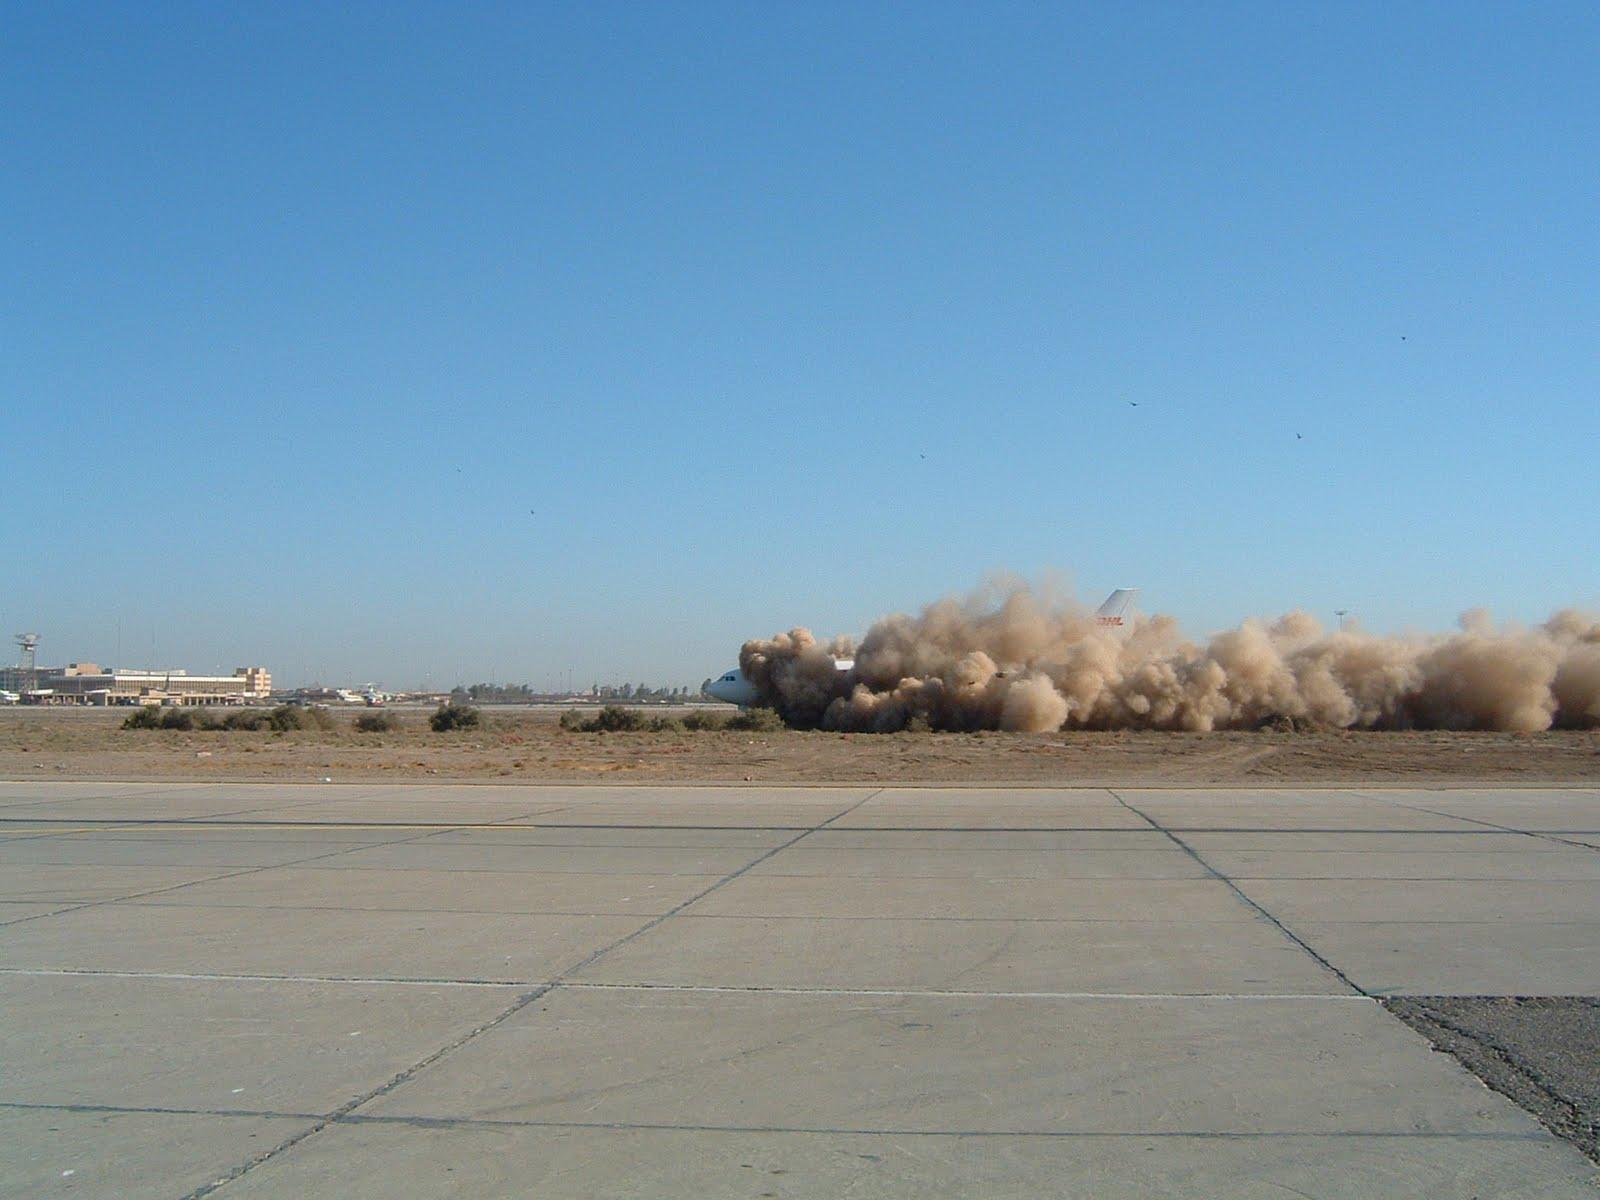 http://3.bp.blogspot.com/-oW9CkUY-z5U/TcLkIk70xEI/AAAAAAAAACk/2ChPHLVZVz0/s1600/DHL_Iraq_missile_3.jpg